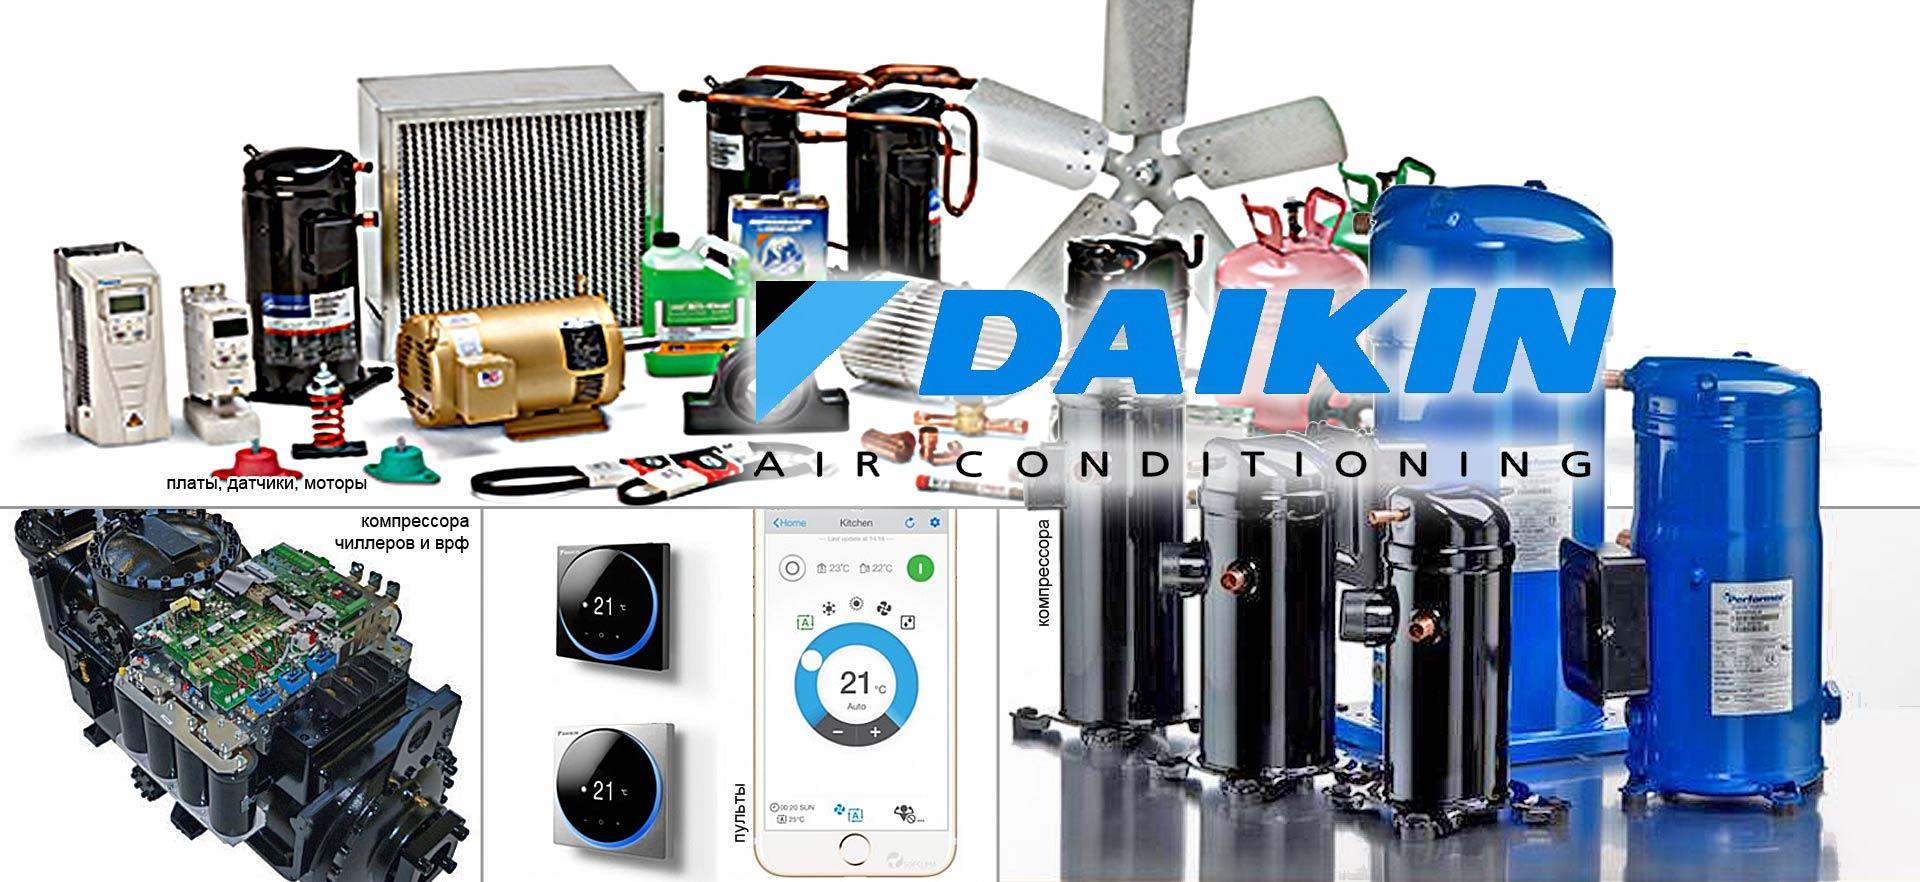 Поставка оригинальных запчастей для систем кондиционирования и холодильных машин